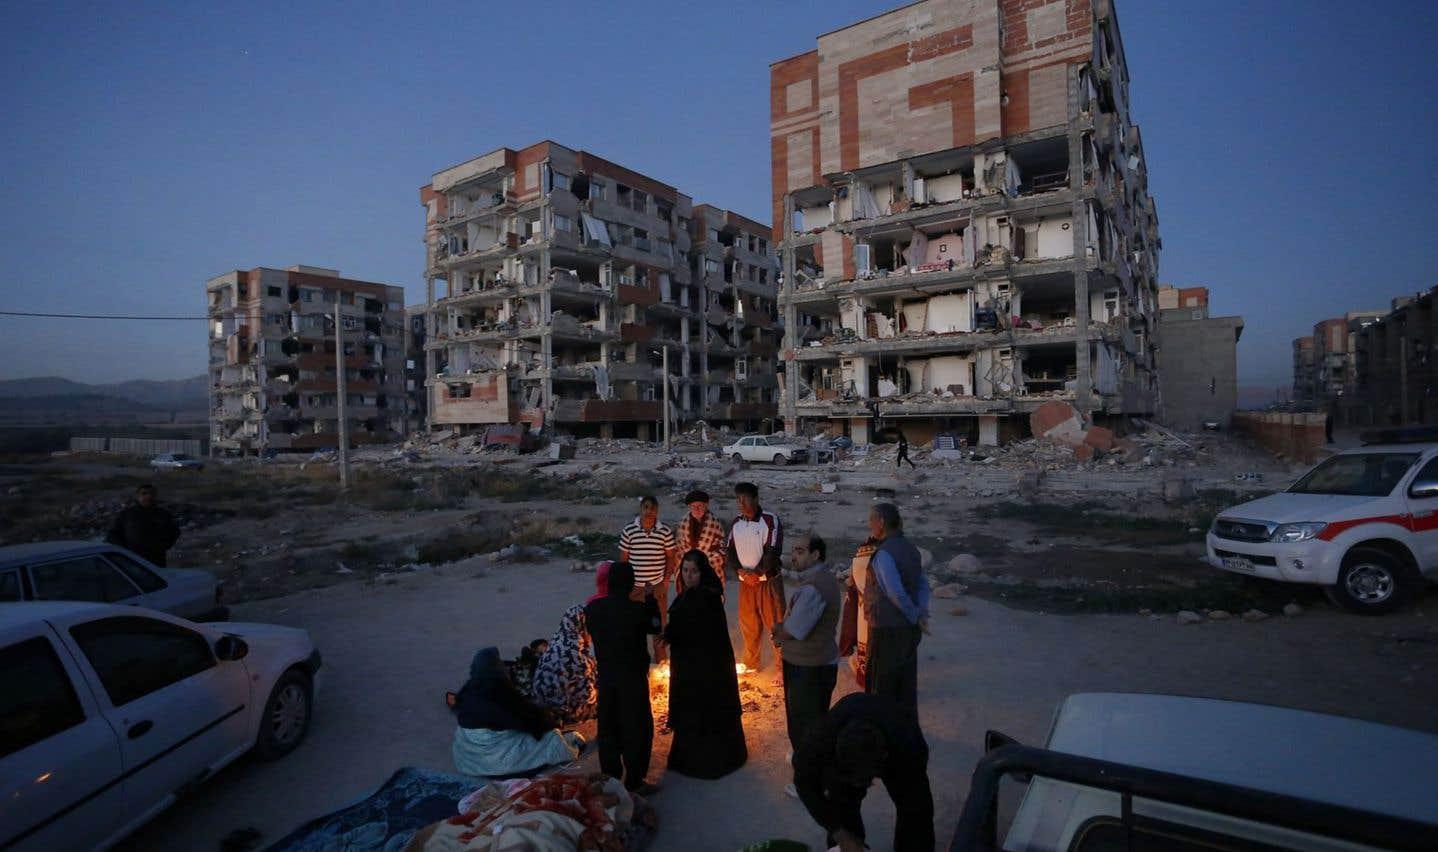 Les rescapés forcés de dormir dehors après le séisme en Iran